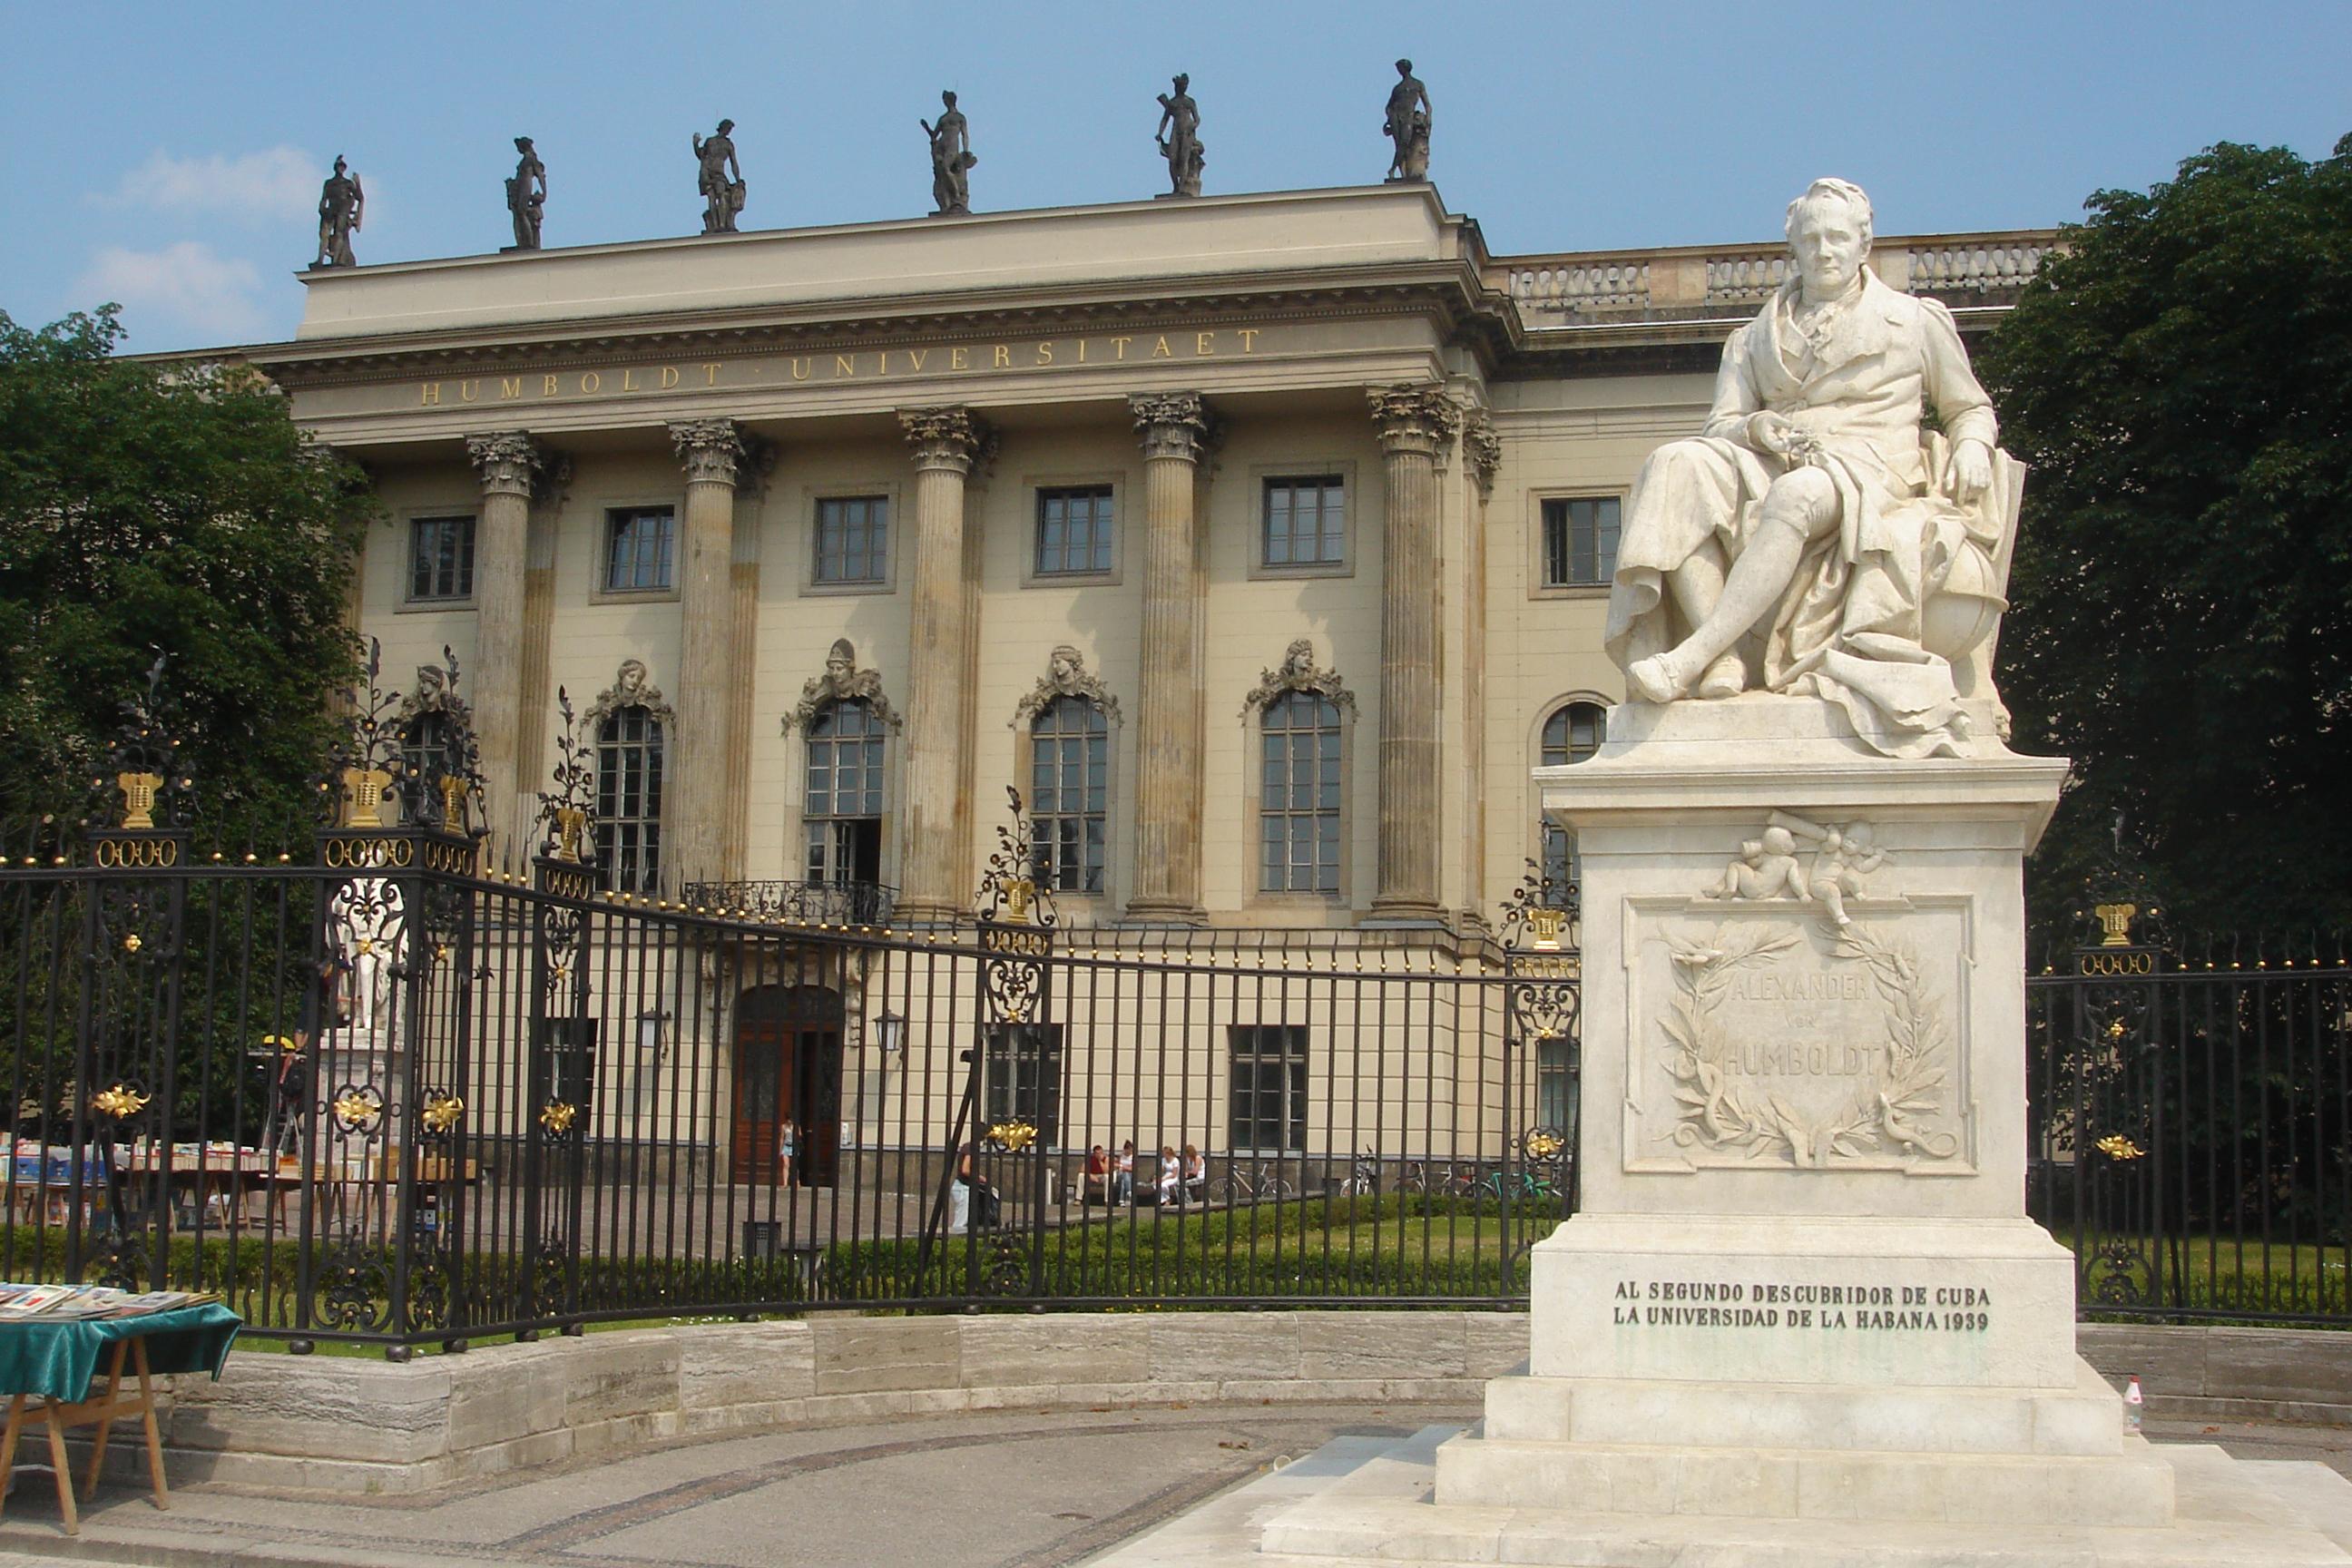 Veja o que saiu no Migalhas sobre Universidade Humboldt de Berlim